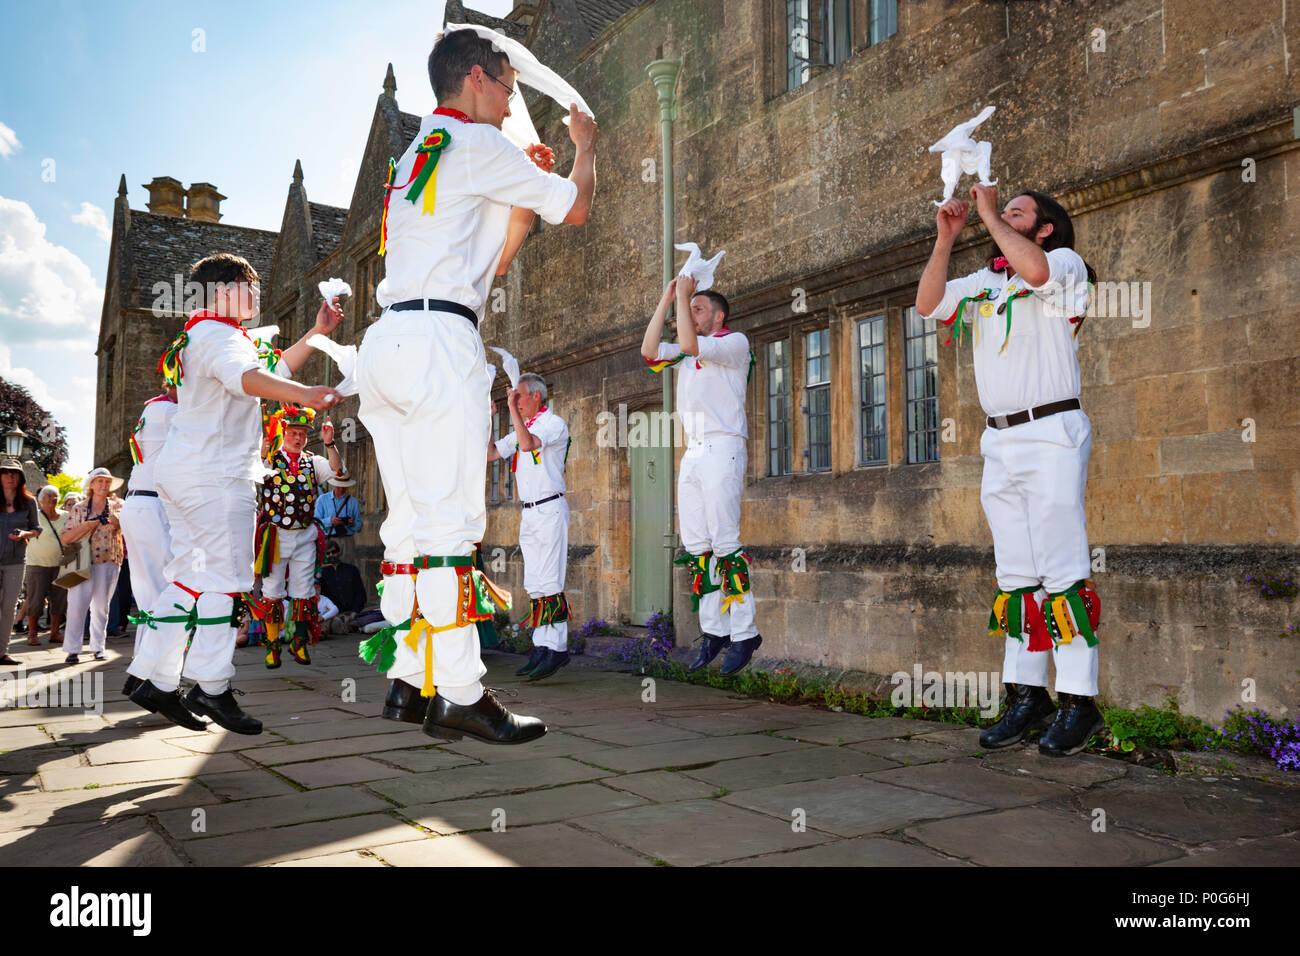 Morris Dance fuori il Chipping Campden gli ospizi di carità durante il Scuttlebrook Wake, Chipping Campden, Cotswolds, Gloucestershire, England, Regno Unito Immagini Stock